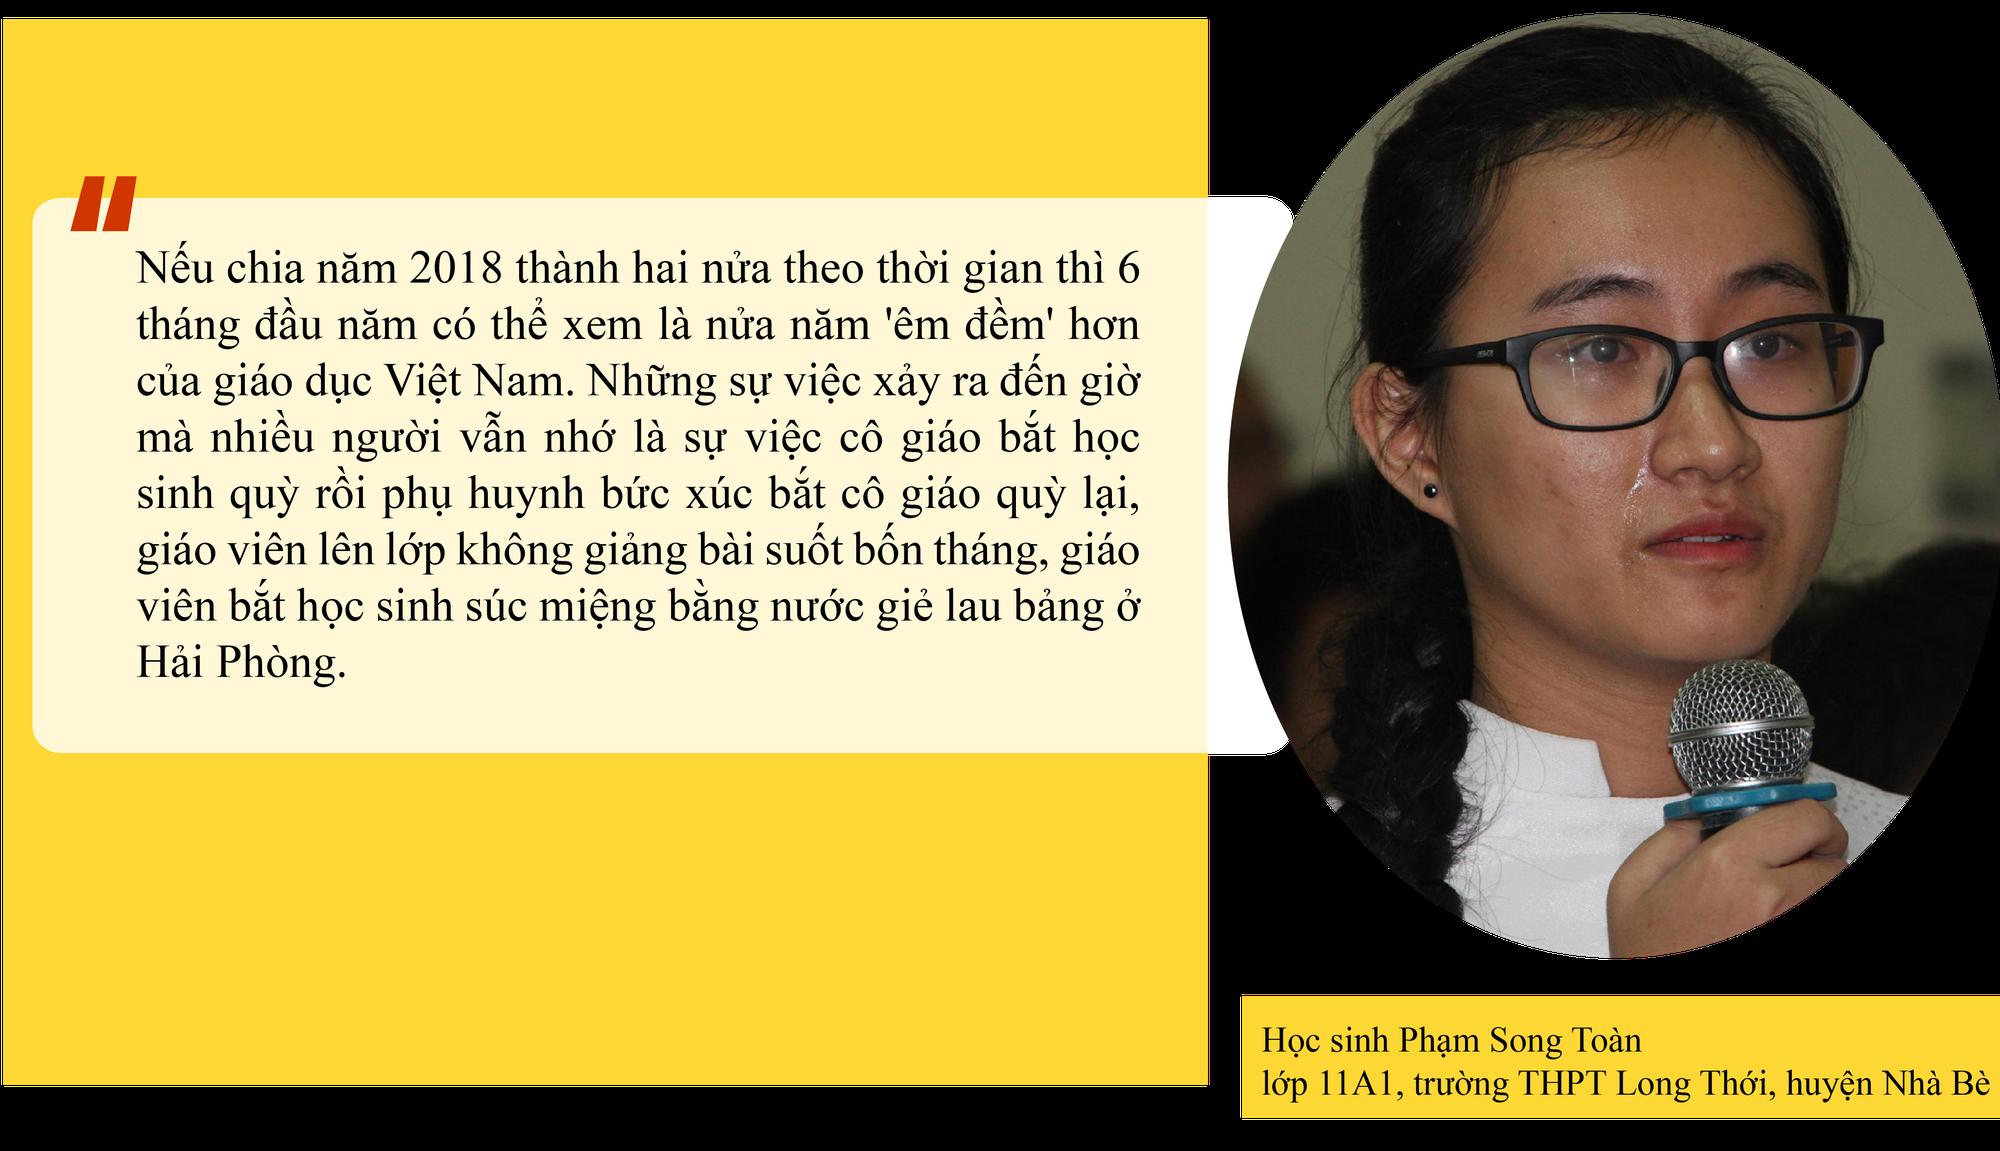 [eMagazine] Kỳ tích giáo dục Việt Nam có lặp lại trong năm mới? - Ảnh 1.